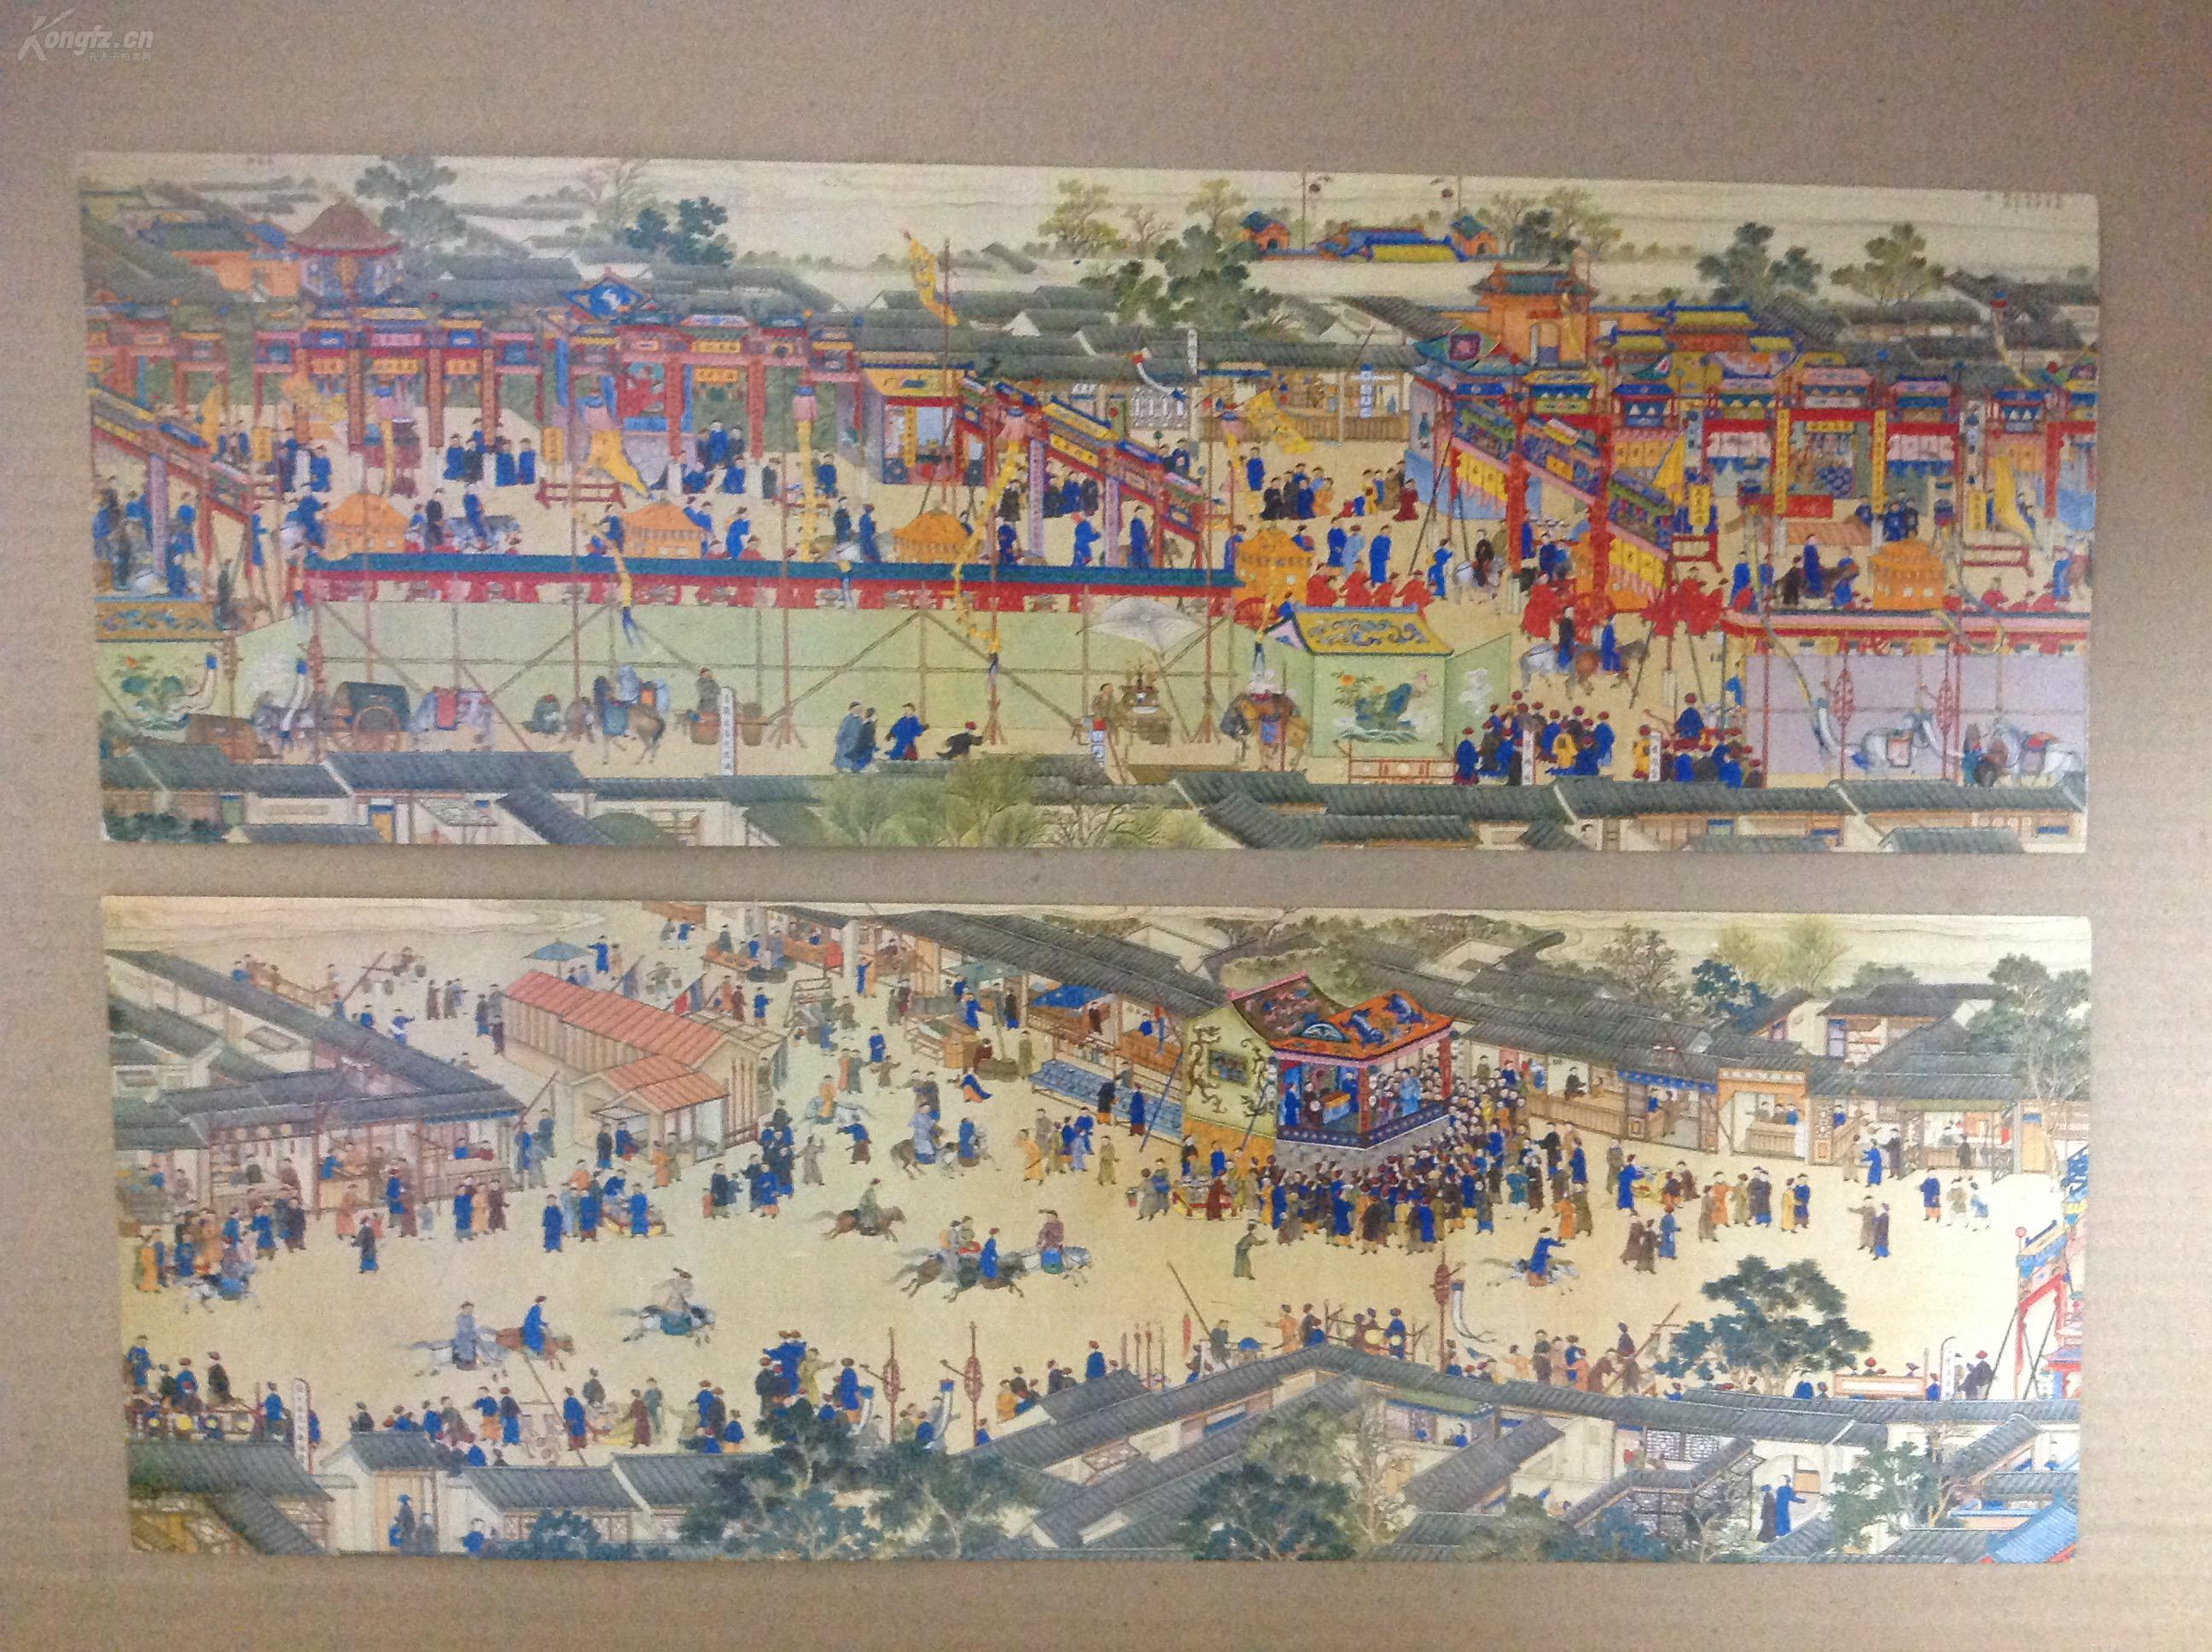 80年代紫禁城出版社出版 康熙六旬万寿庆典图卷 明信片